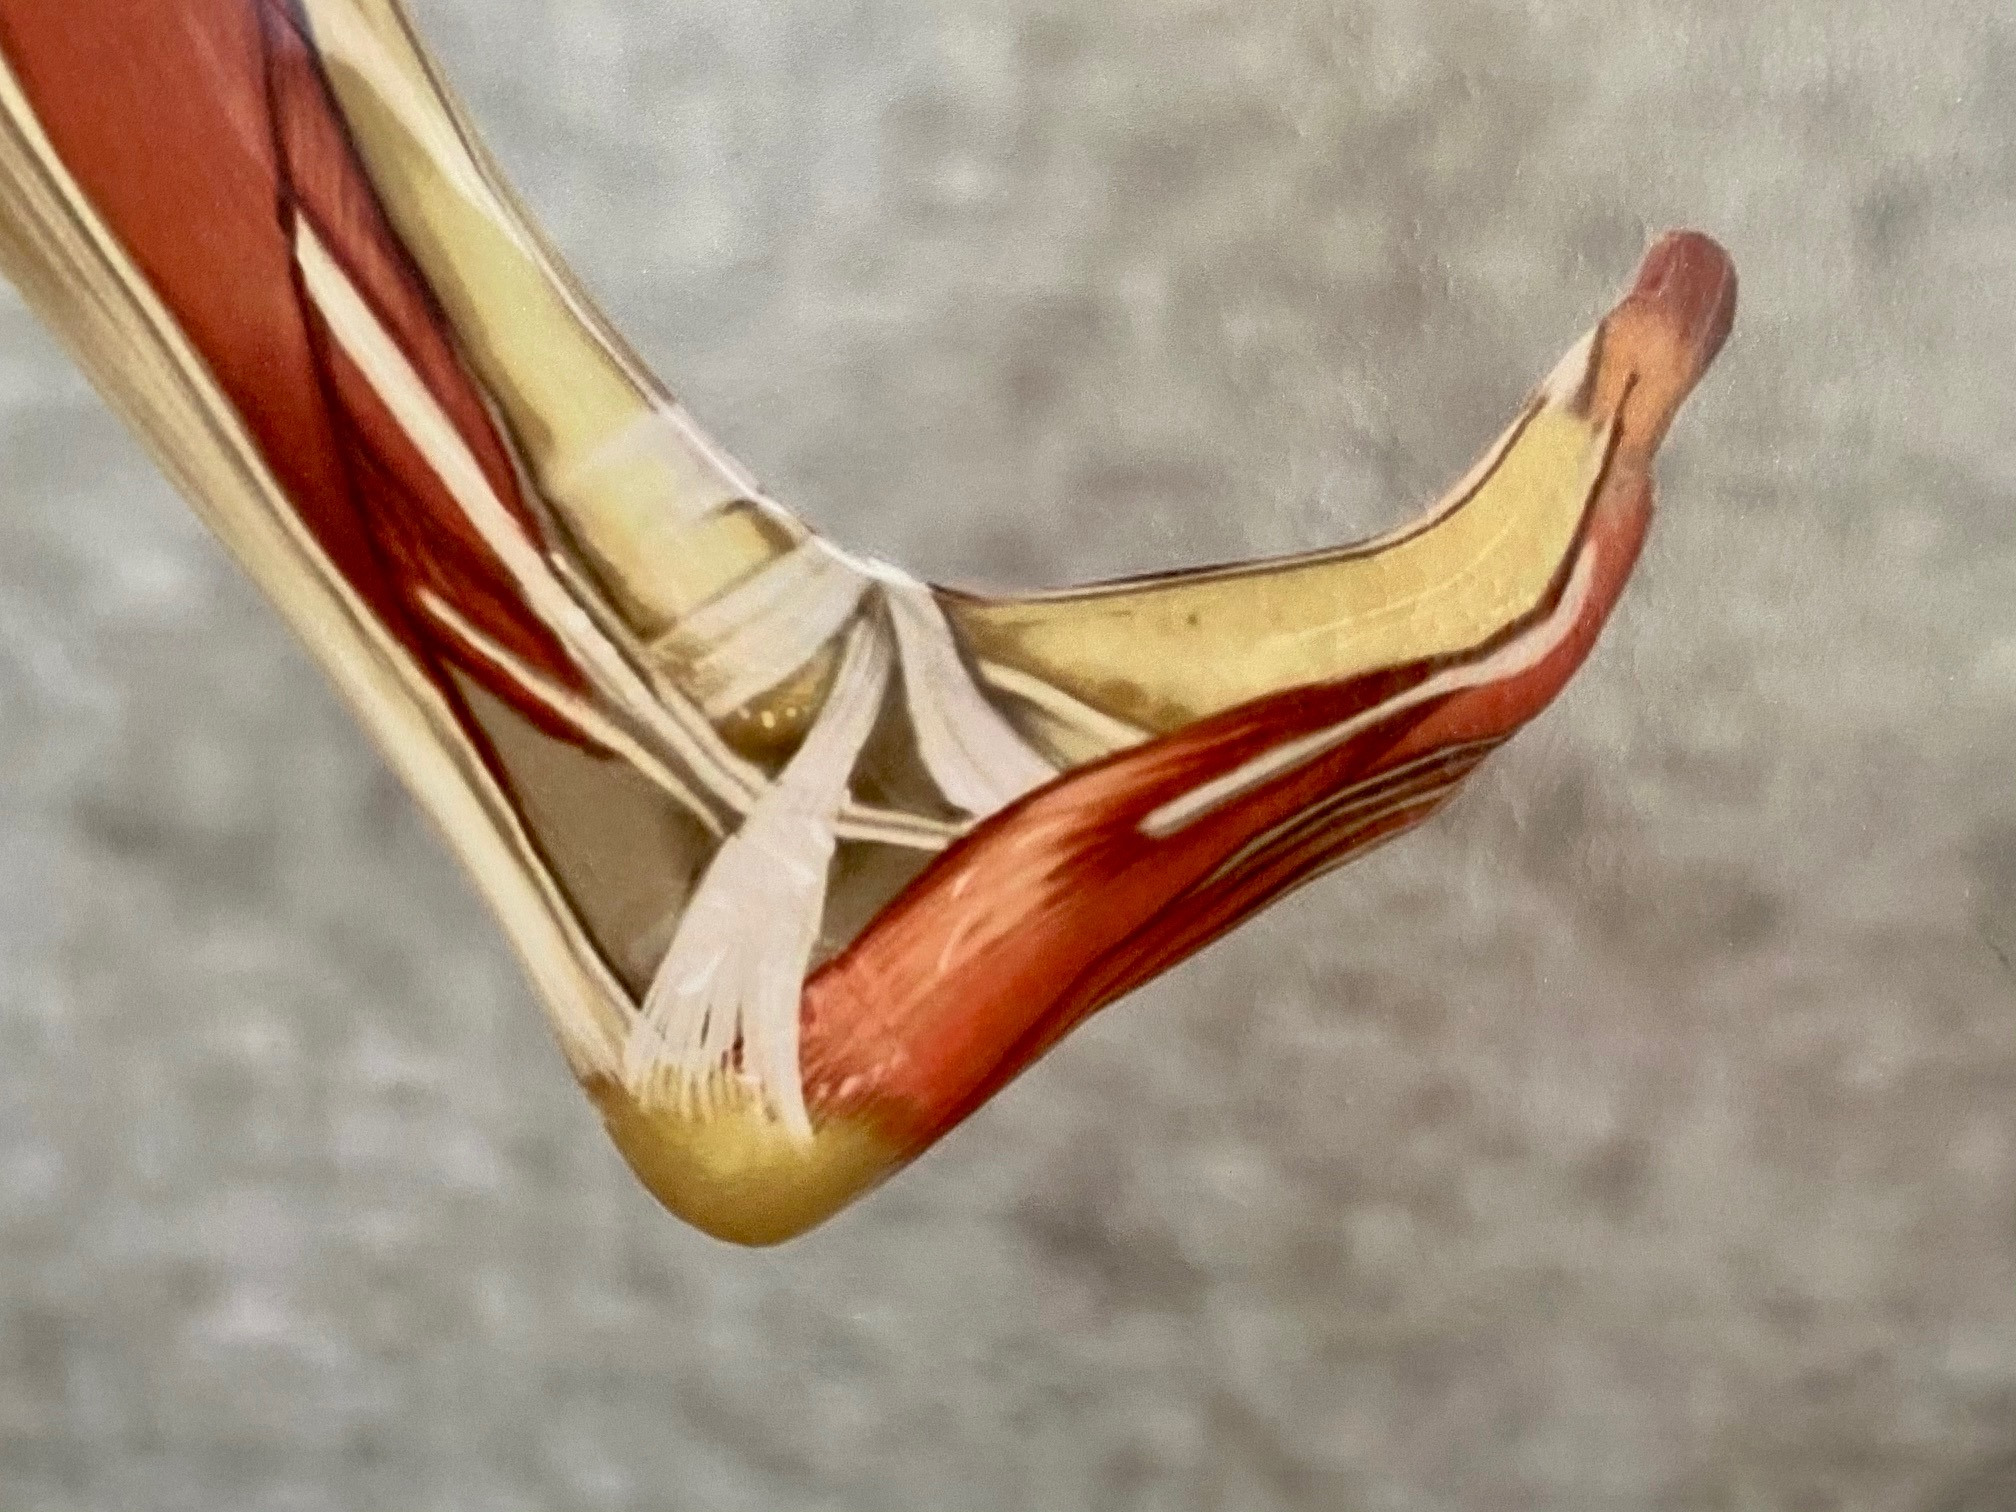 Füße sind unsere Basis